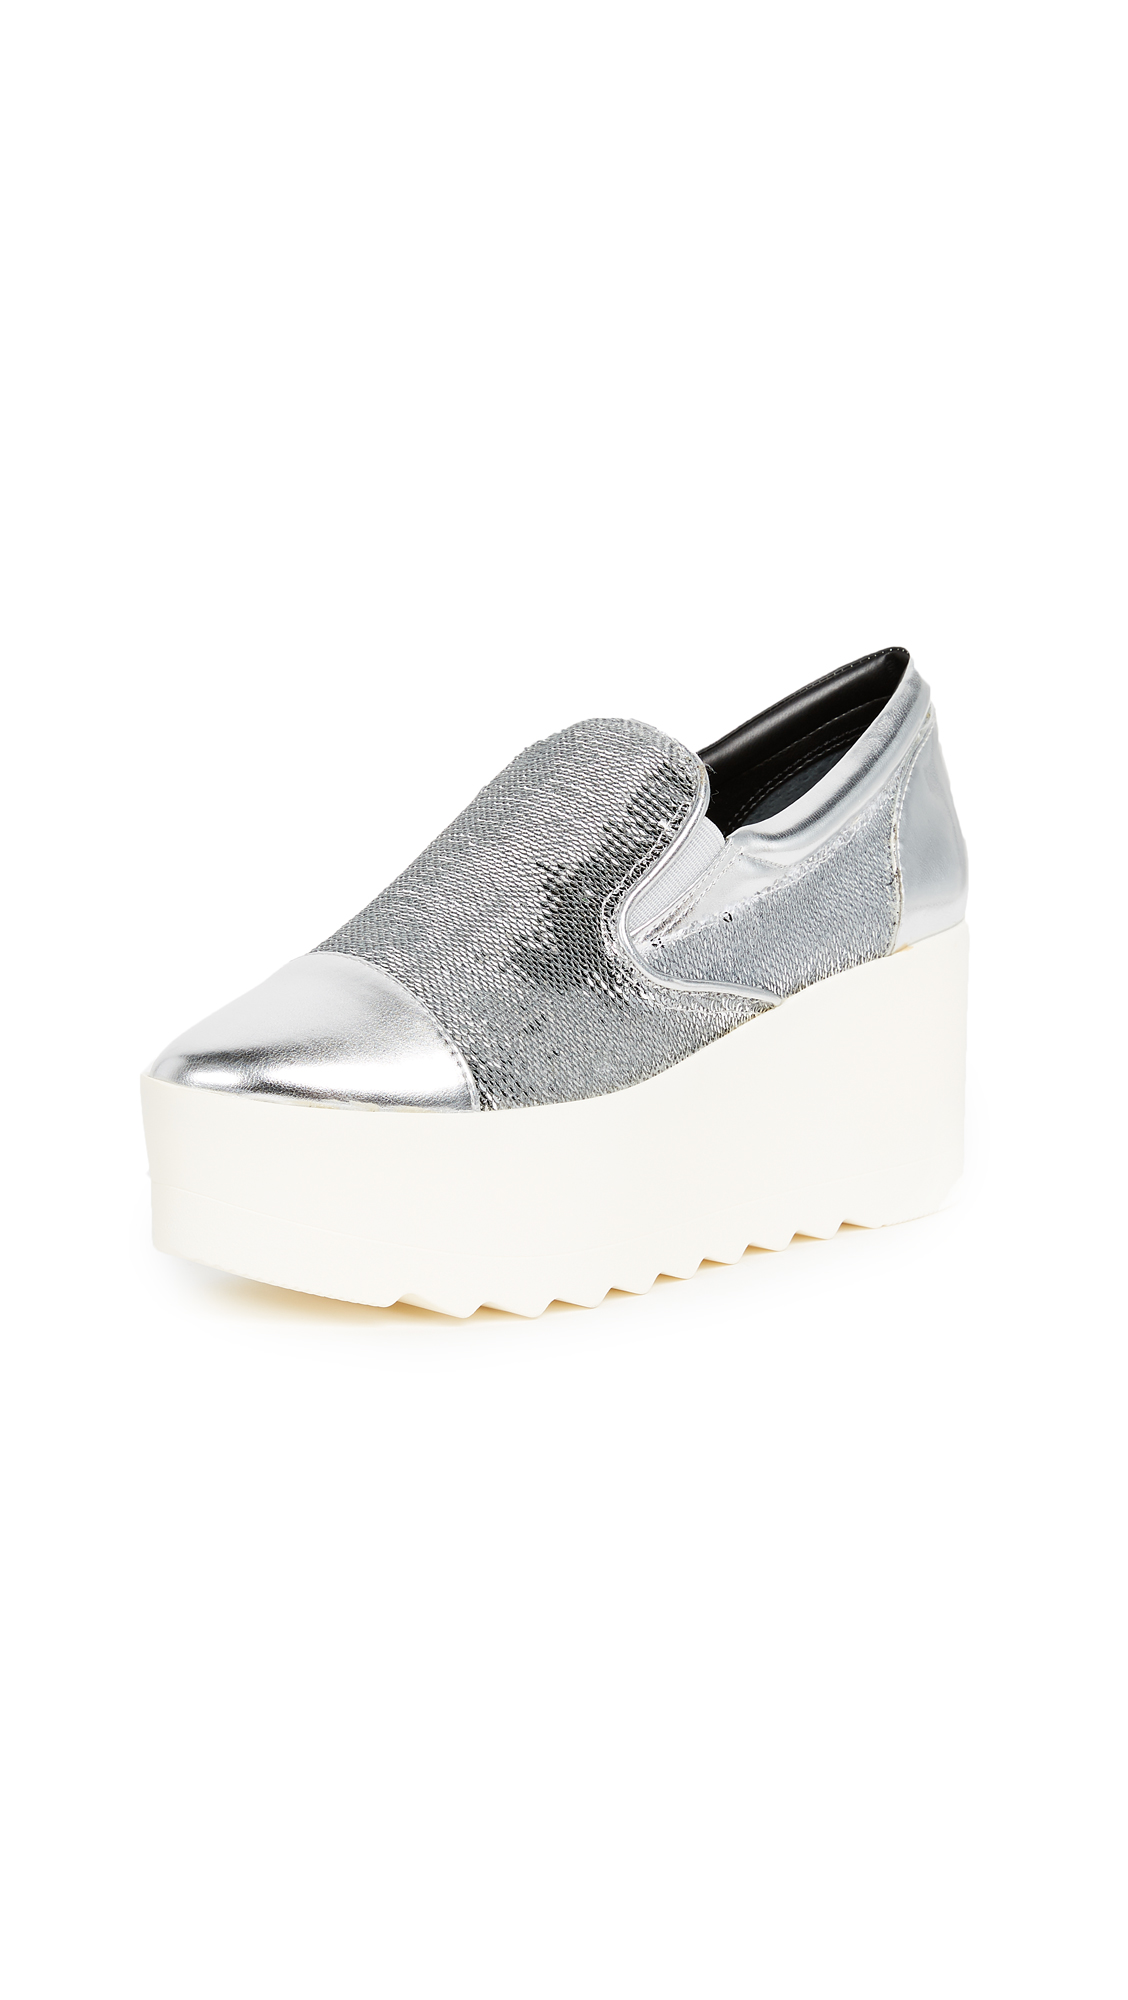 KENDALL + KYLIE Tanya Platform Sneakers